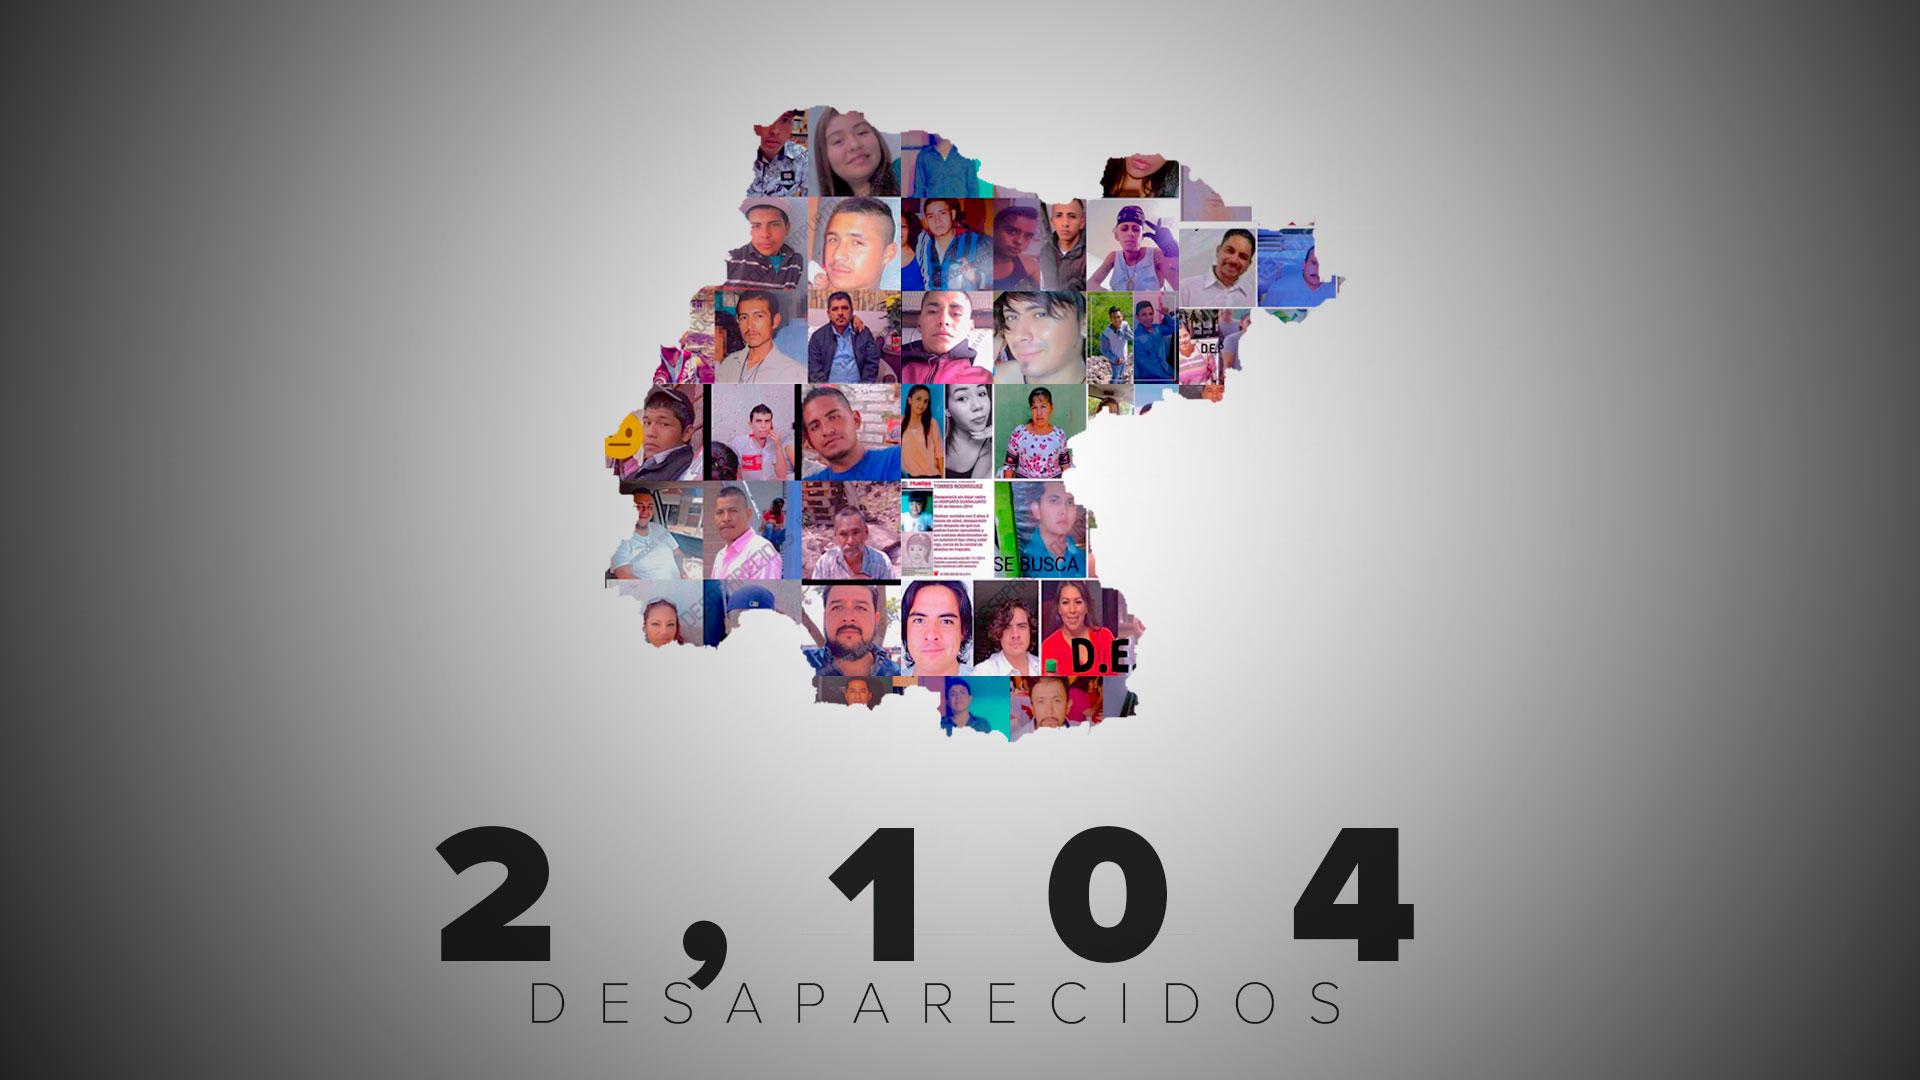 Especialistas como Fabrizio Lorusso estiman en 2,100 los desaparecidos en el estado. Las autoridades reconocen solo 11 casos.